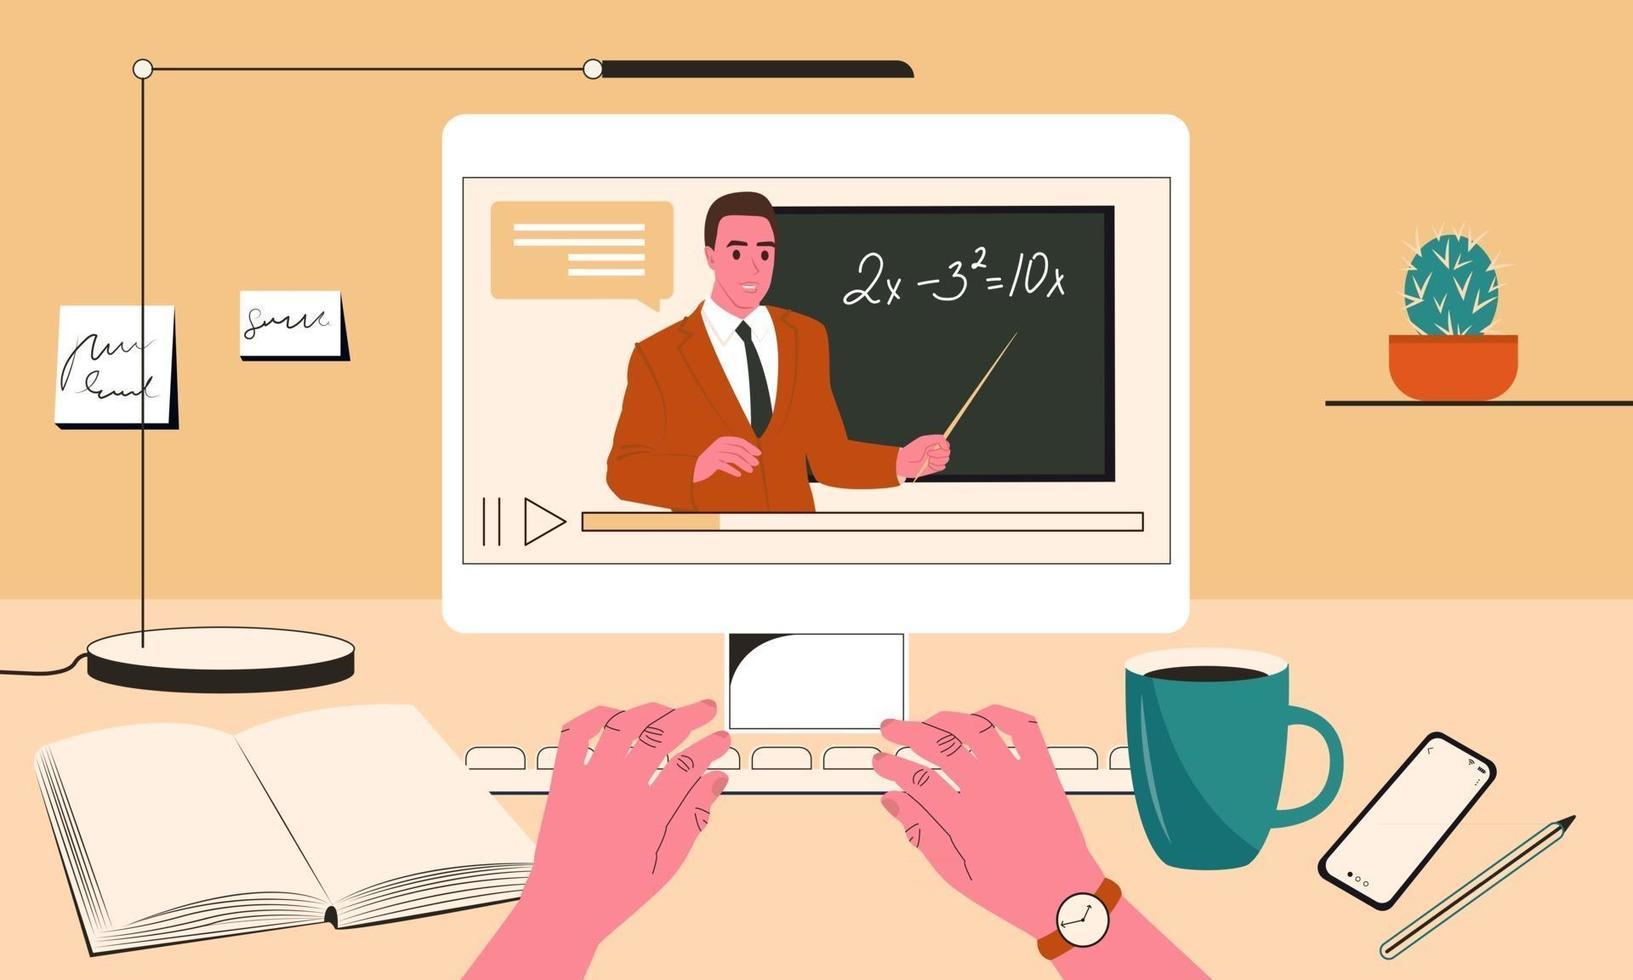 Lección en video para el estudiante o colegial. una mesa de trabajo con una computadora donde en la pantalla del monitor un profesor apunta a una pizarra. aprender en línea. ilustración vectorial plana vector